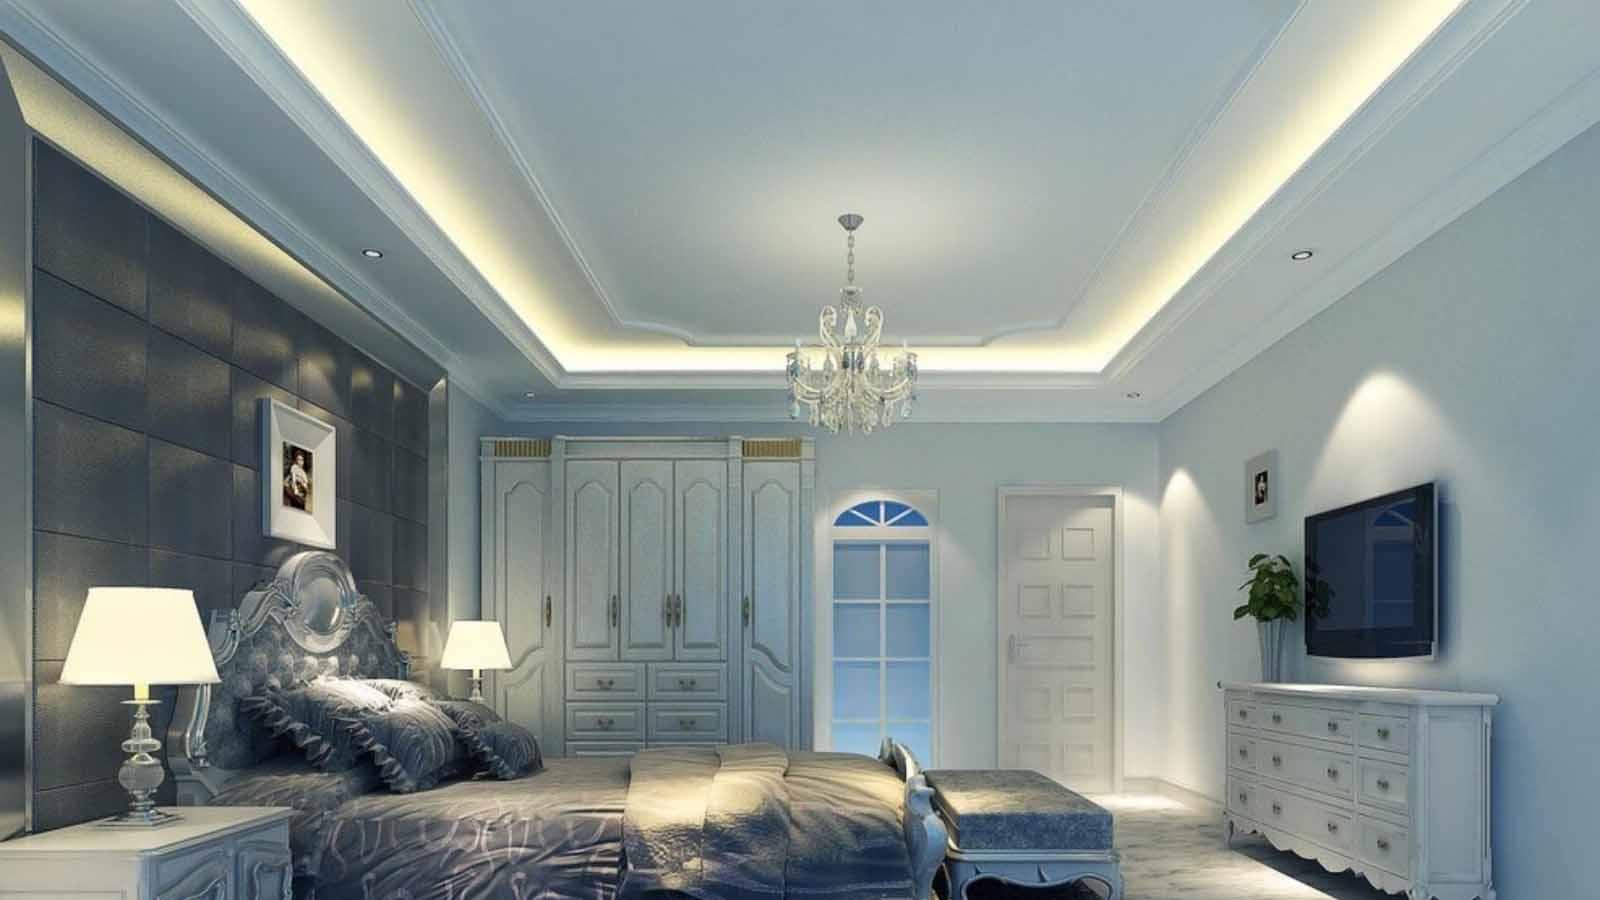 trần thạch cao kết hợp đèn led